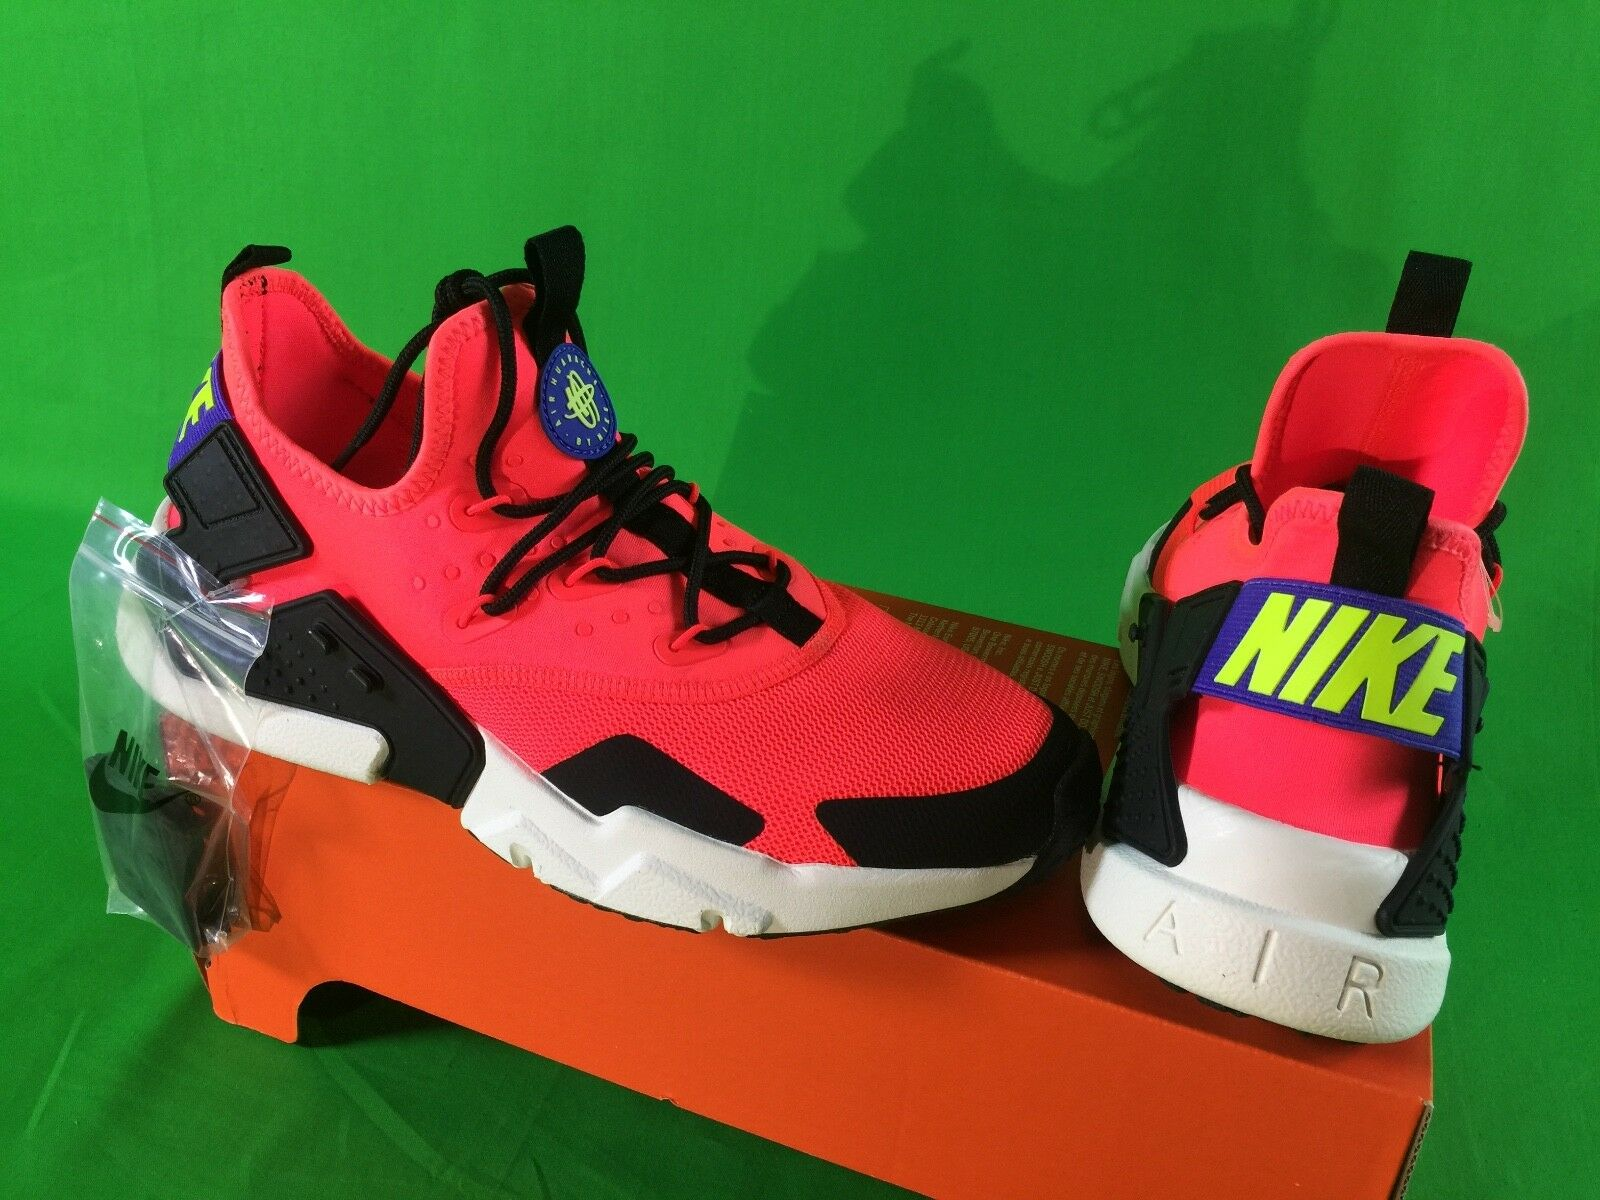 Nike air huarache Uomo taglia 9 promo campione inedito azioni di formazione scarpe nuove